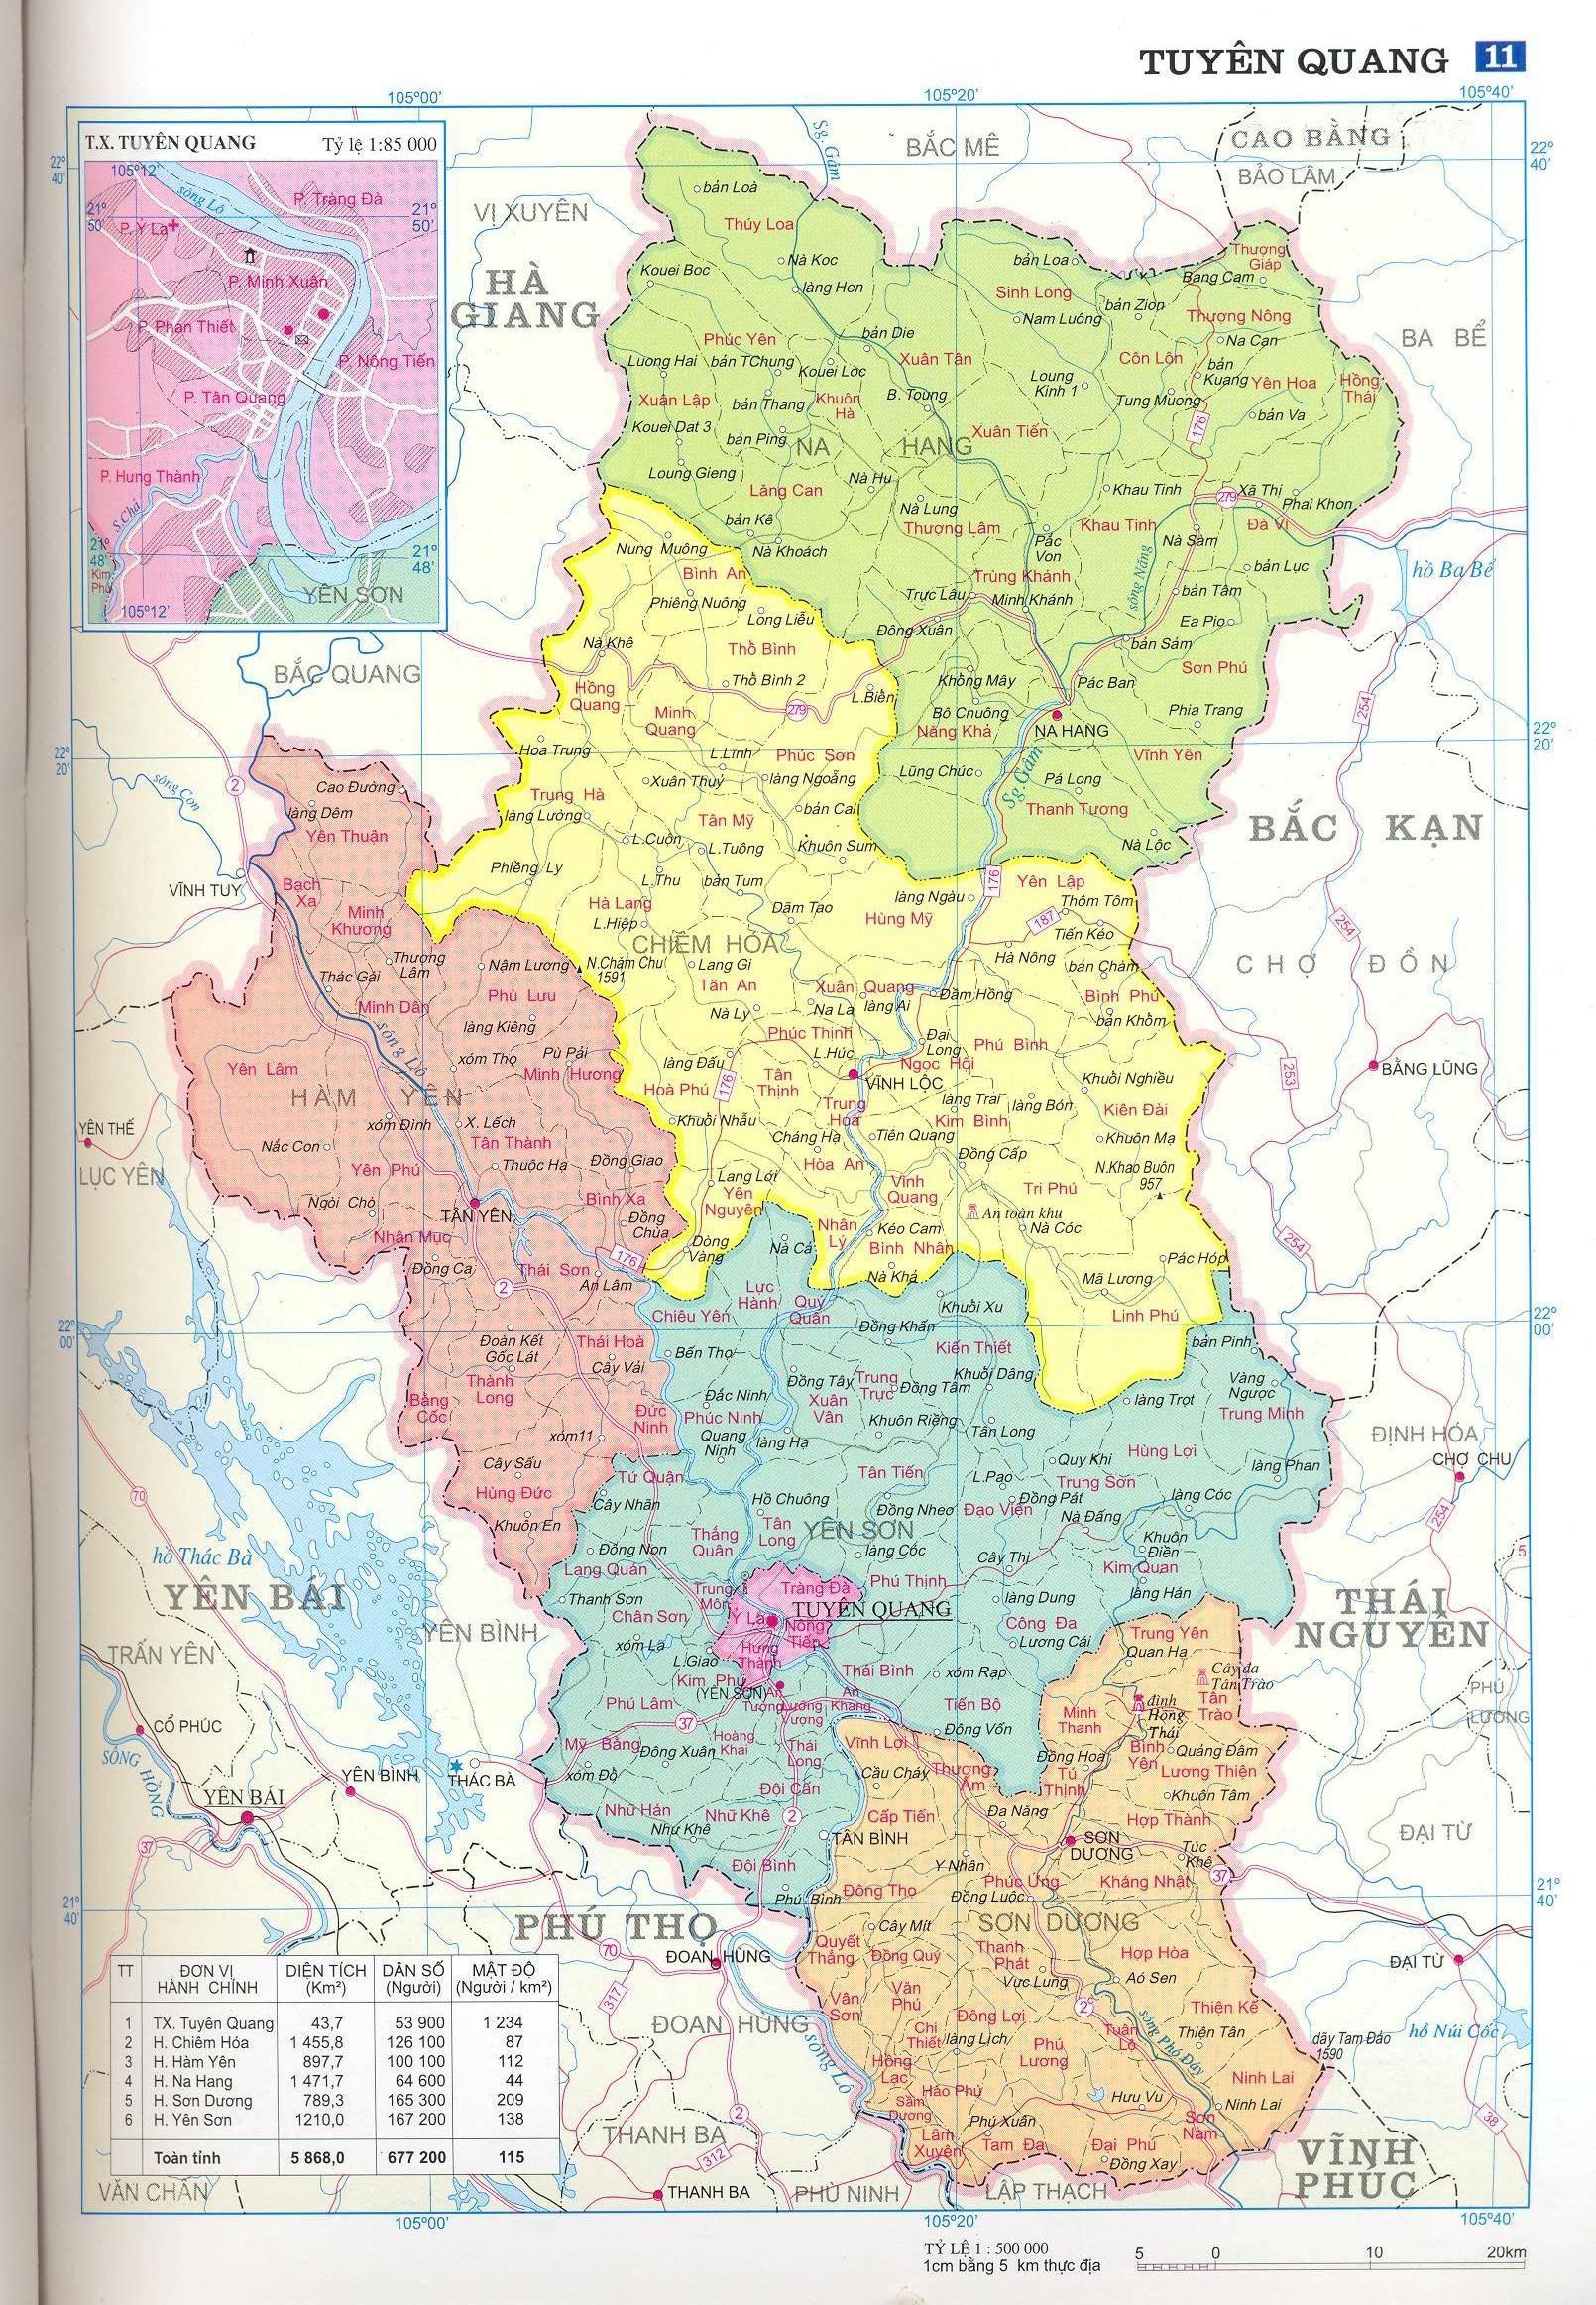 Bản đồ hành chính tỉnhTuyên Quang